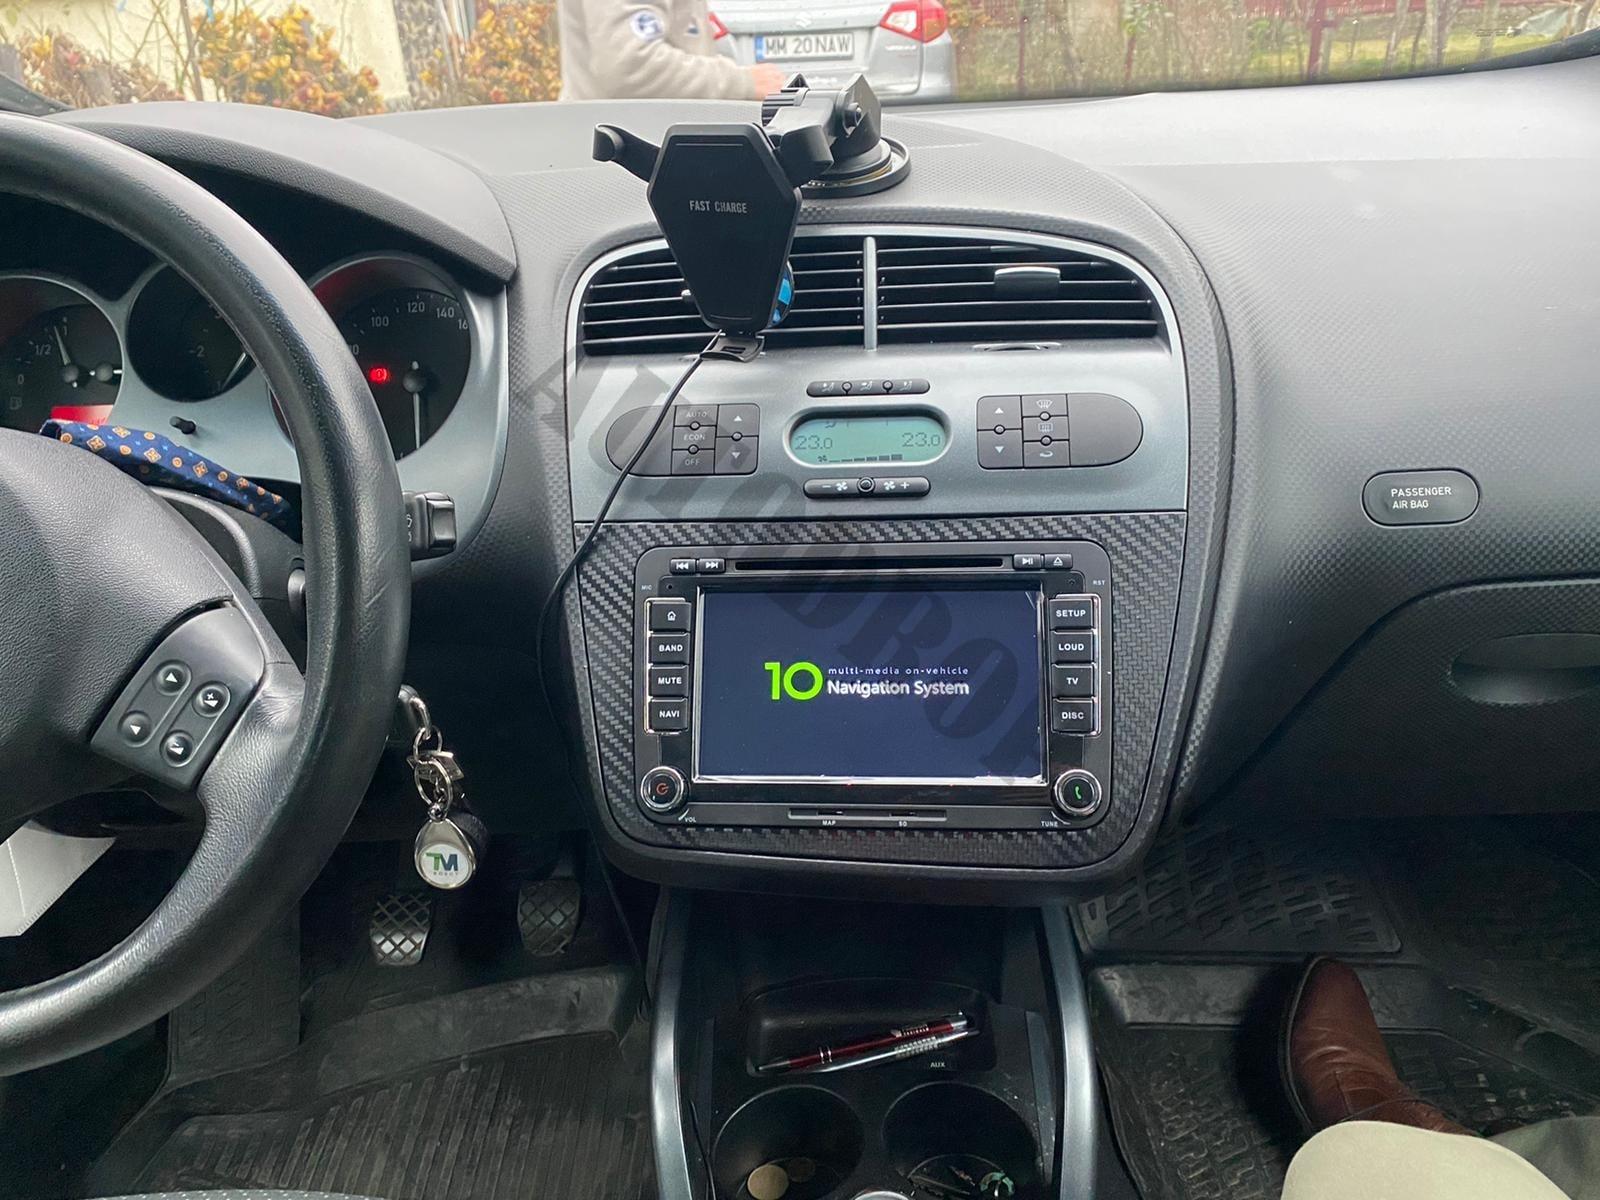 navigatie-dedicata-android-volkswagen-gps-auto-multimedia